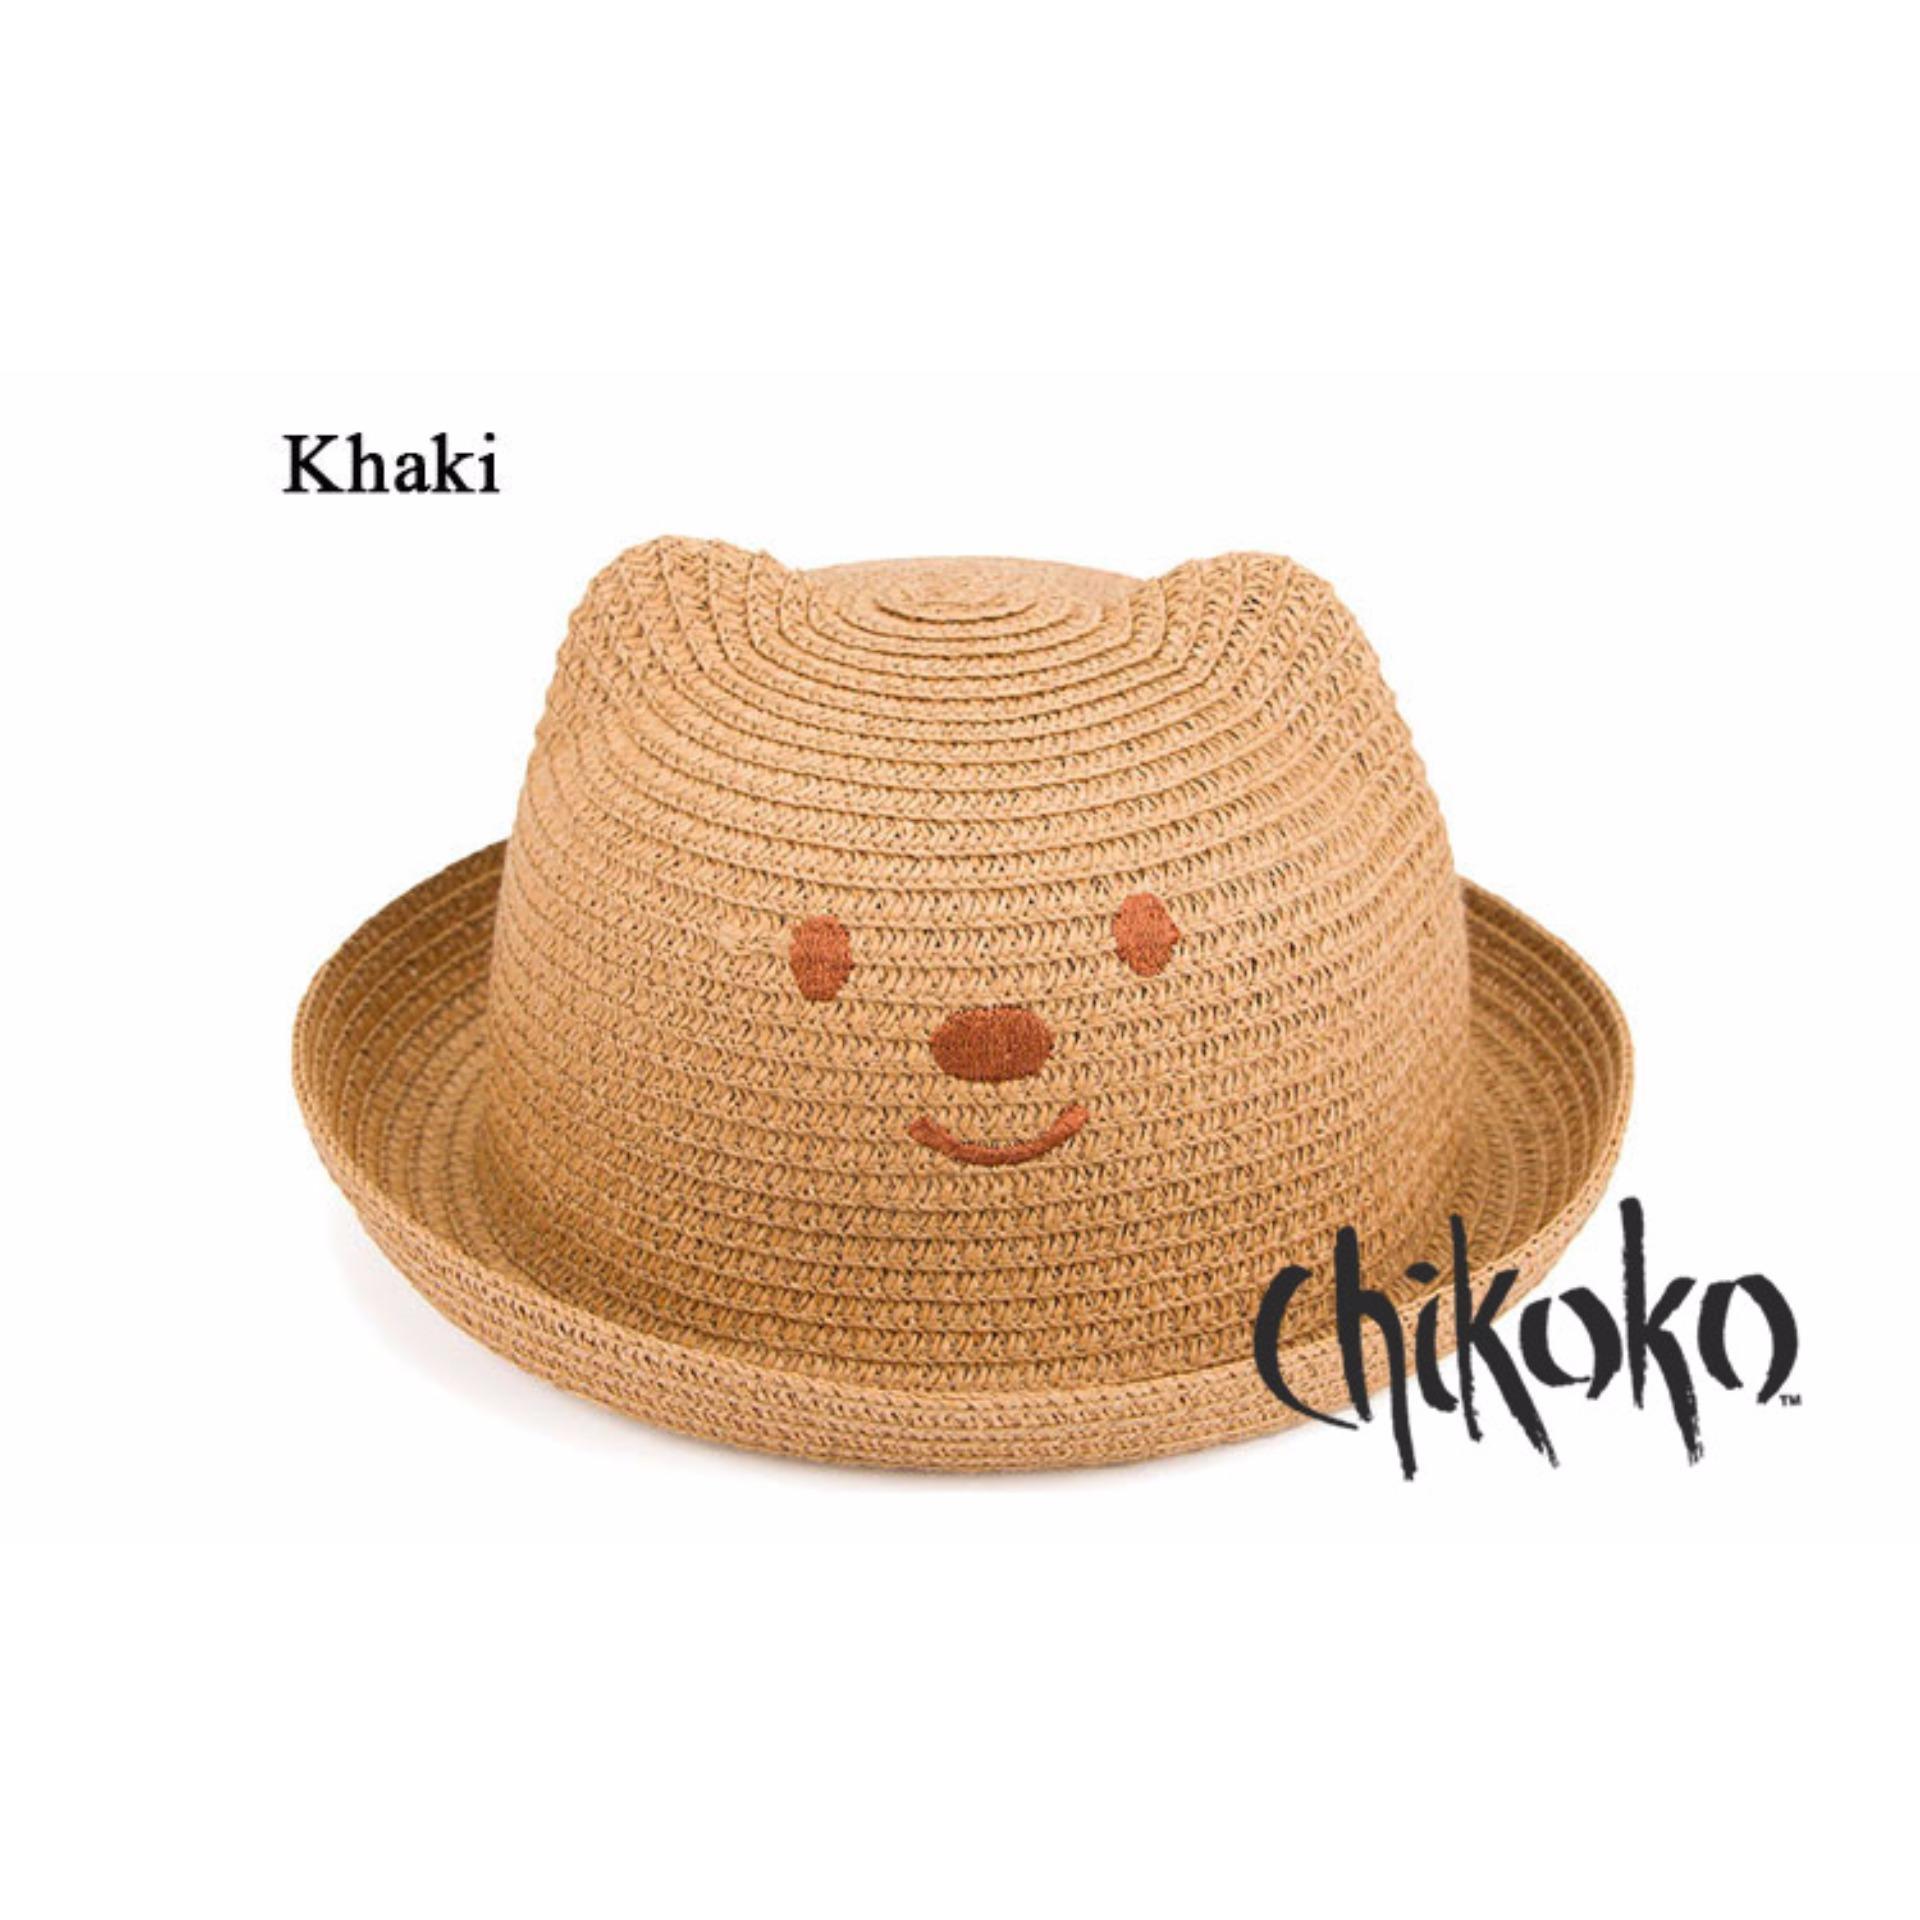 Mũ Gấu Xinh Cho Bé Yêu Chikoko (Be)